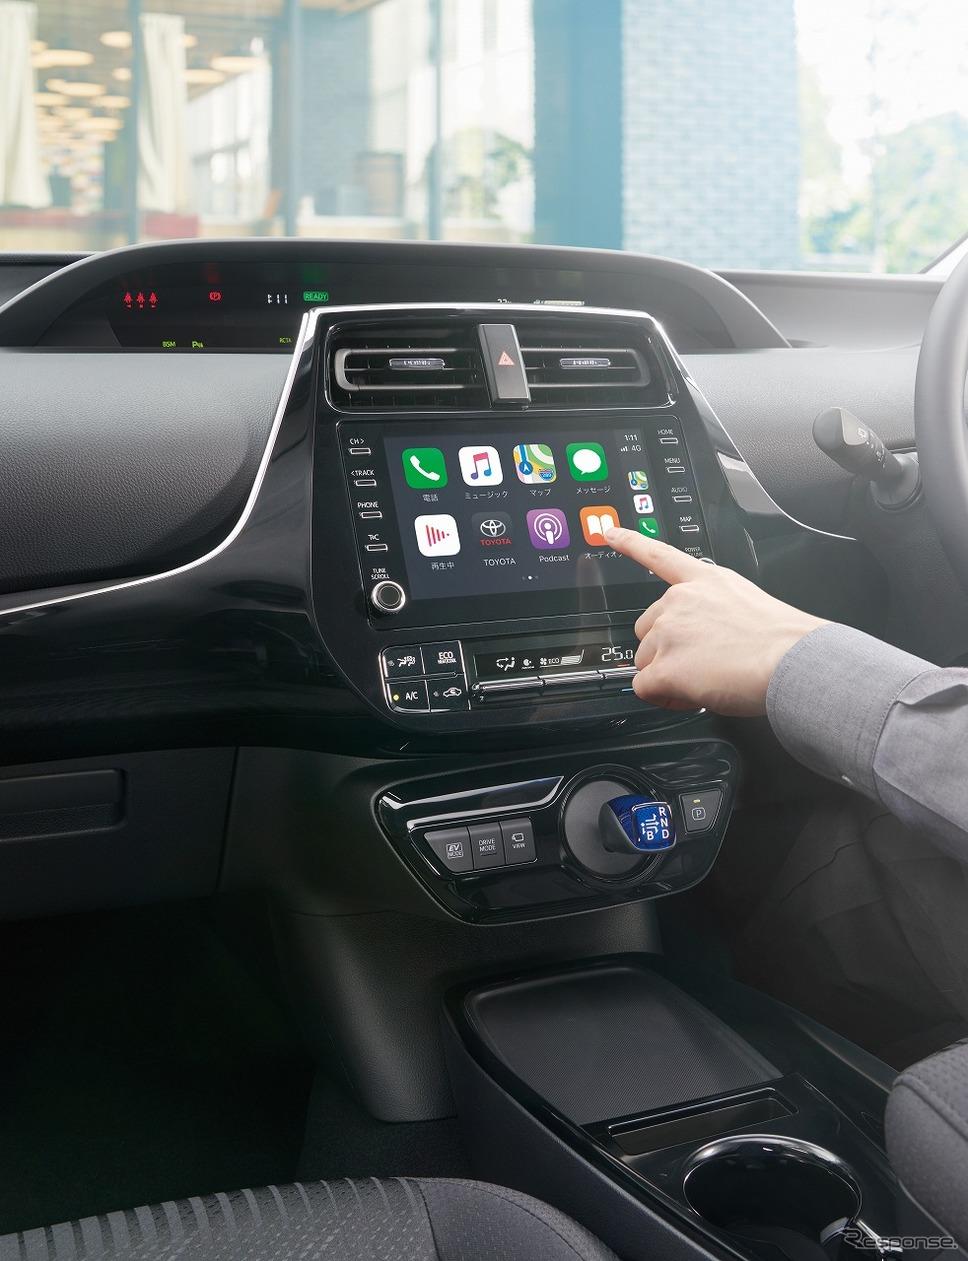 トヨタ プリウス A(2WD)(内装色:ブラック)<オプション装着車>《写真提供 トヨタ自動車》